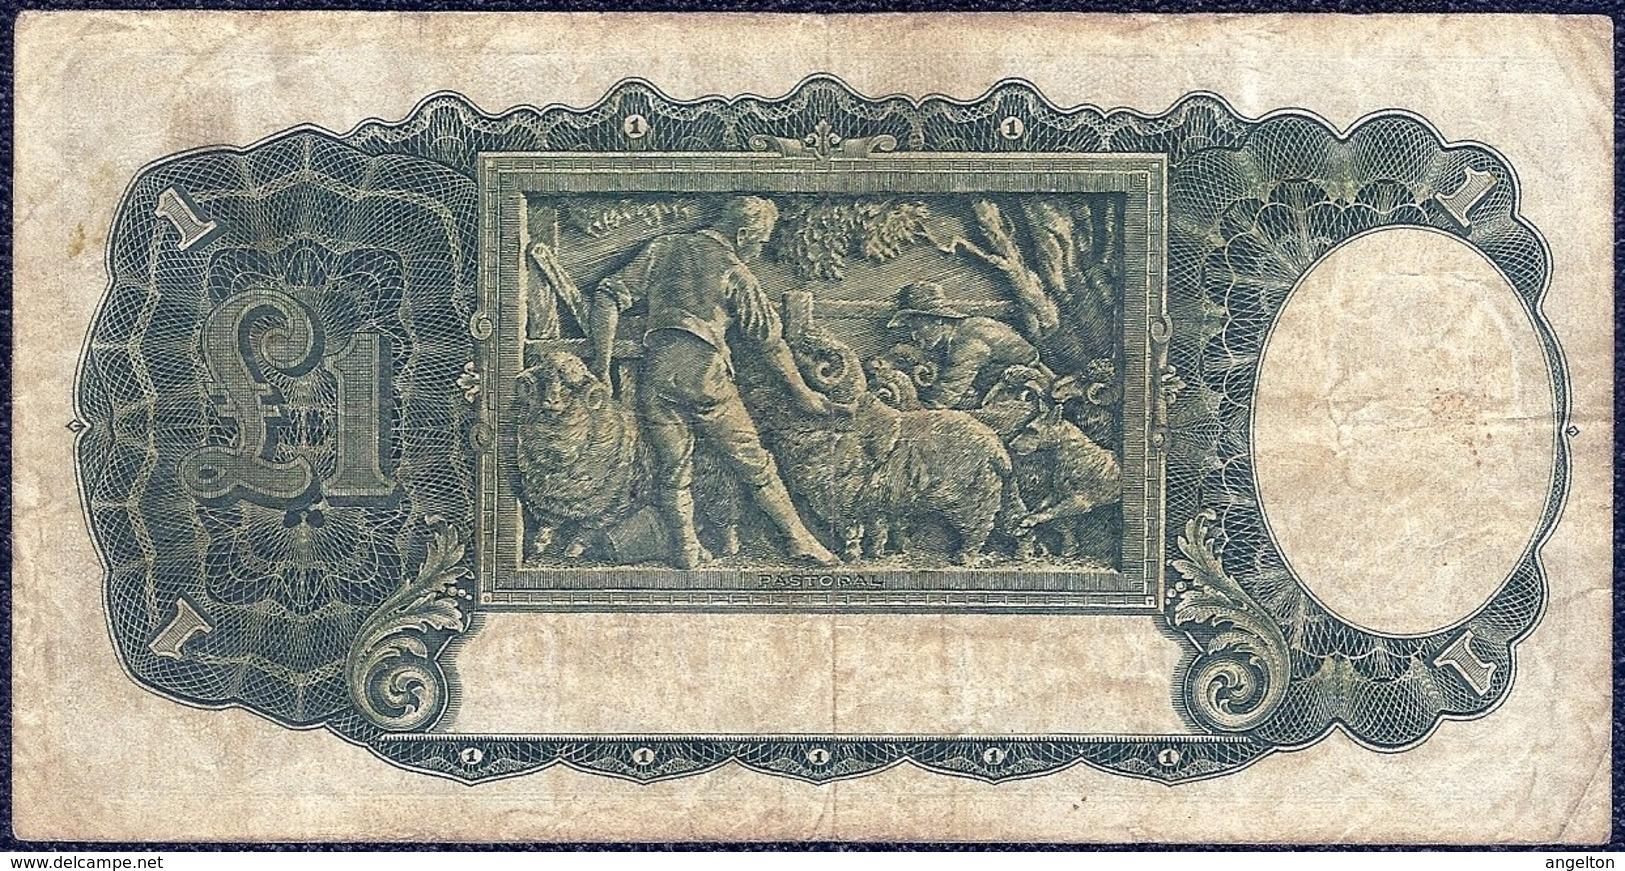 Australia 1 Pound 1942 'VF' P-26b Banknote - Australia